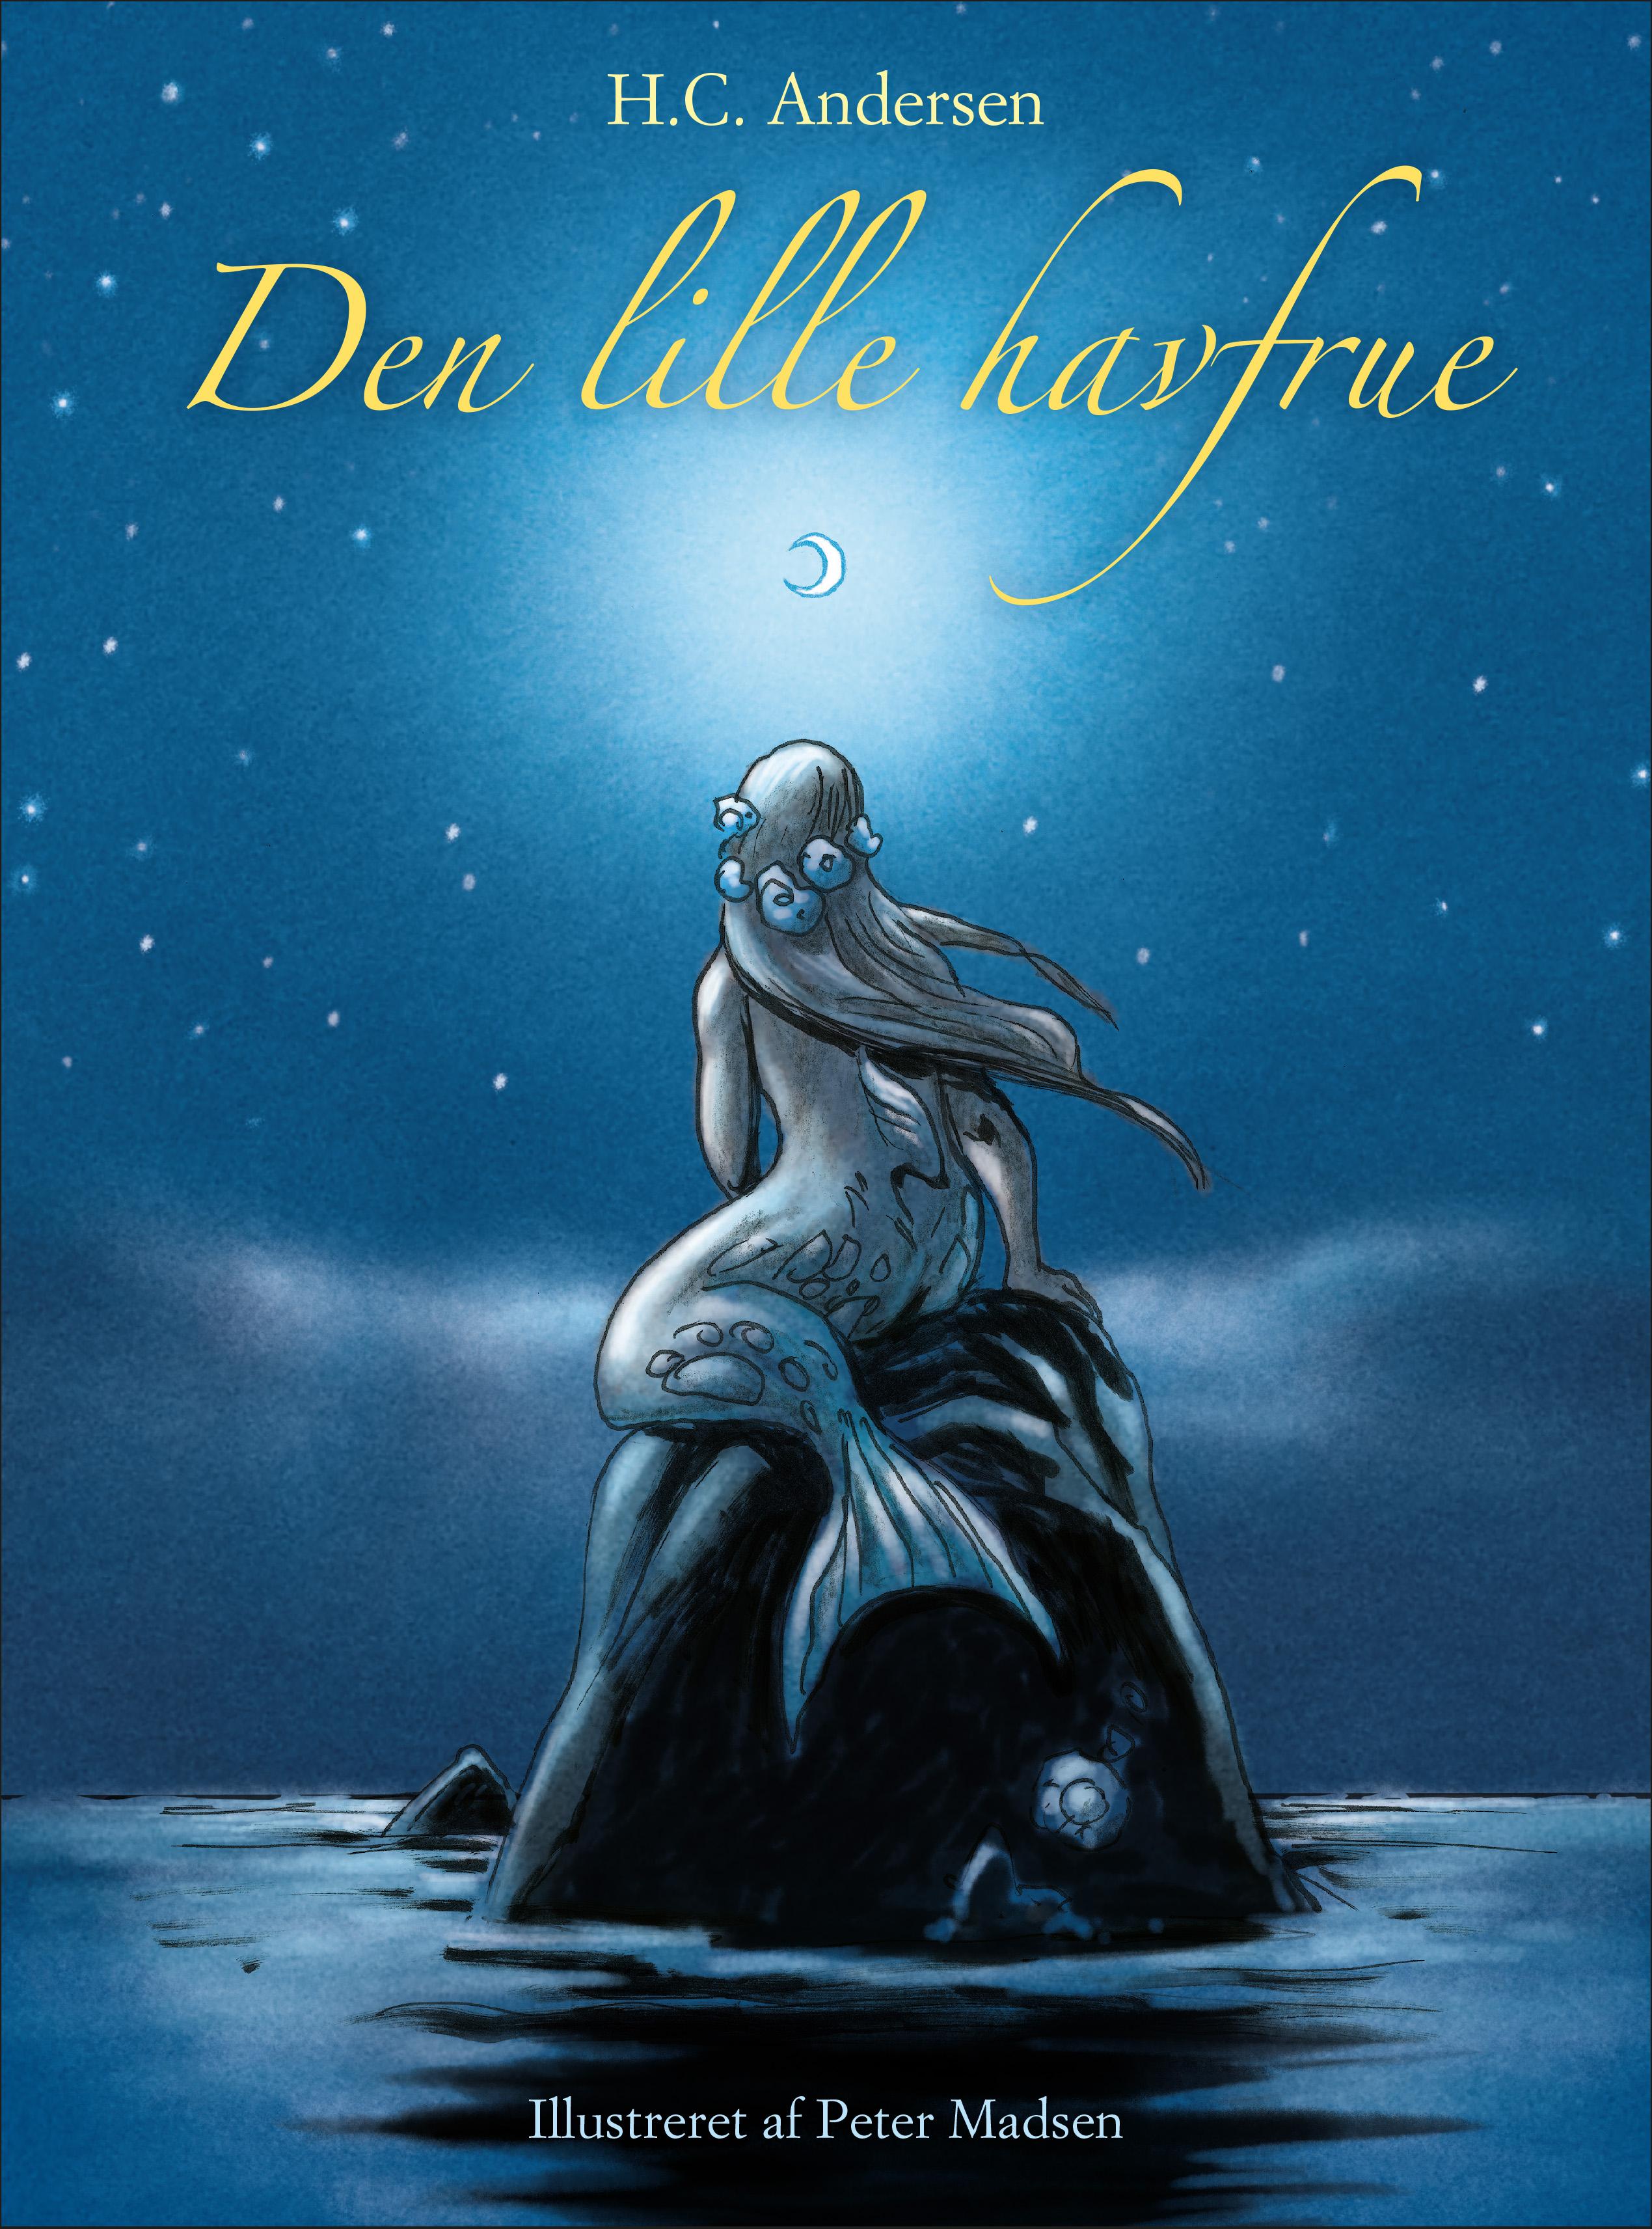 télécharger den lille havfrue med dansk conte de deux